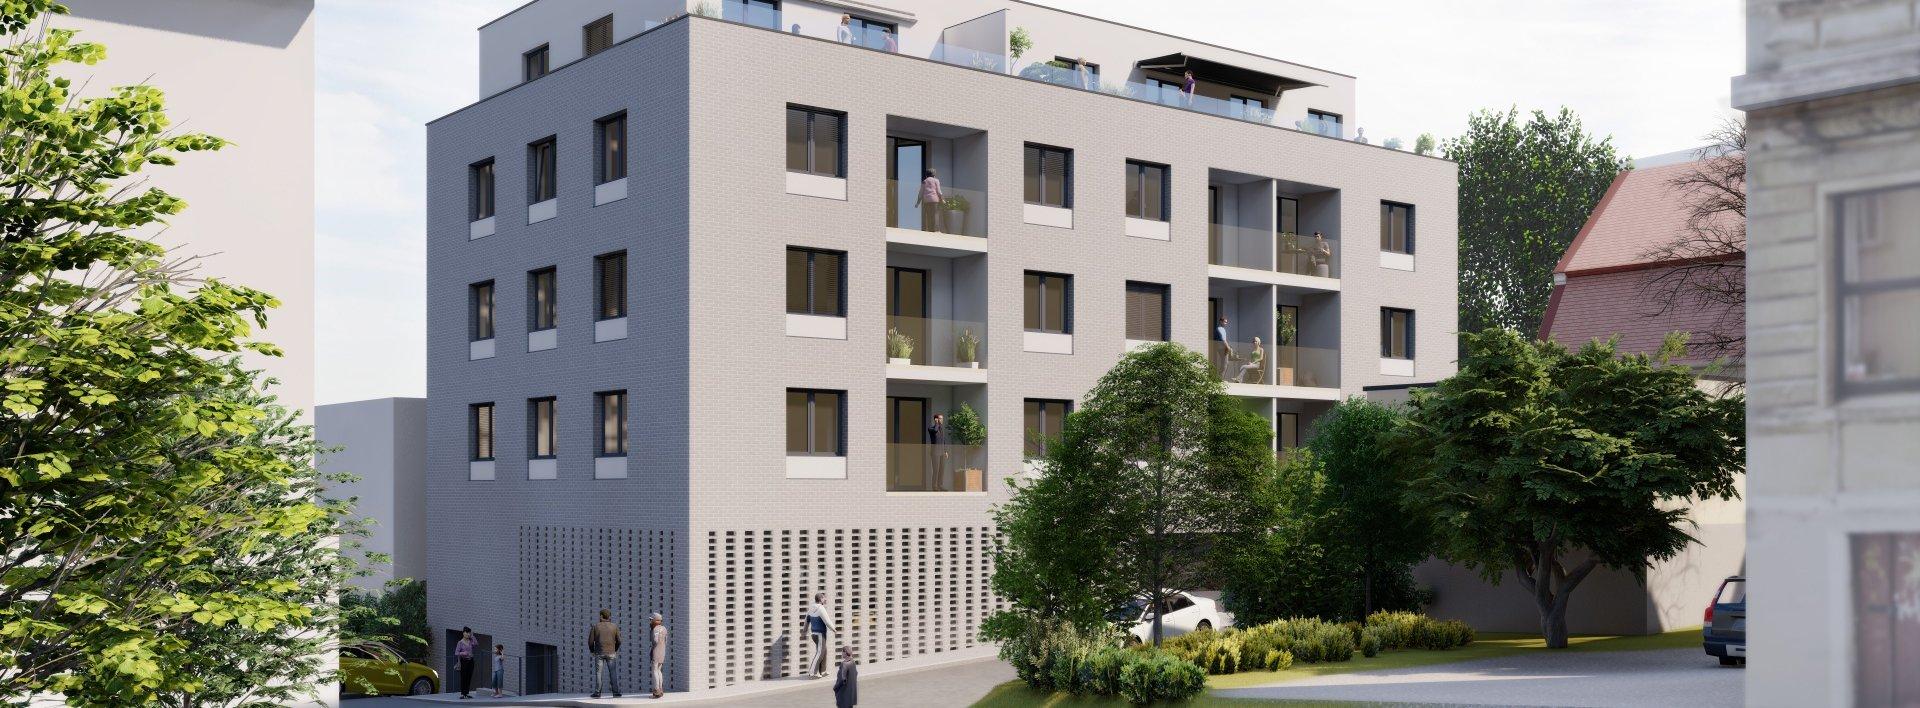 Nadstandardní byt 1+kk v novostavbě v centru Liberce, Ev.č.: N49324